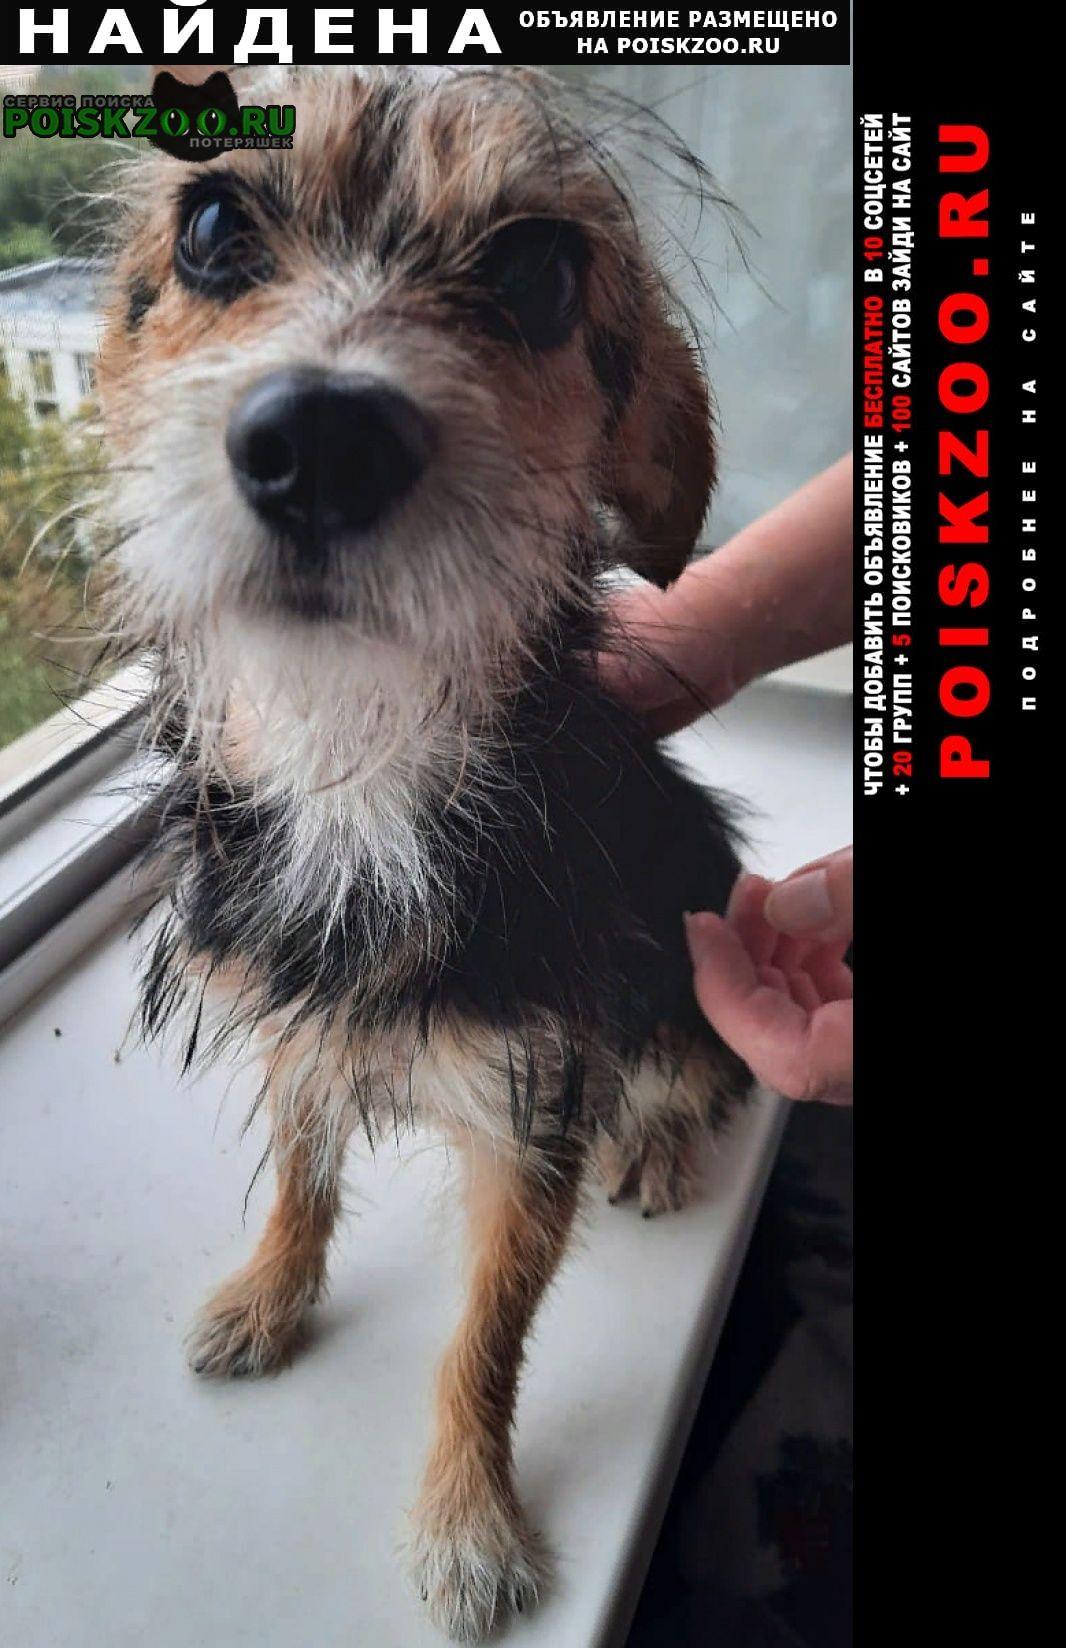 Найдена собака 26.08 кобель метис йорка Москва